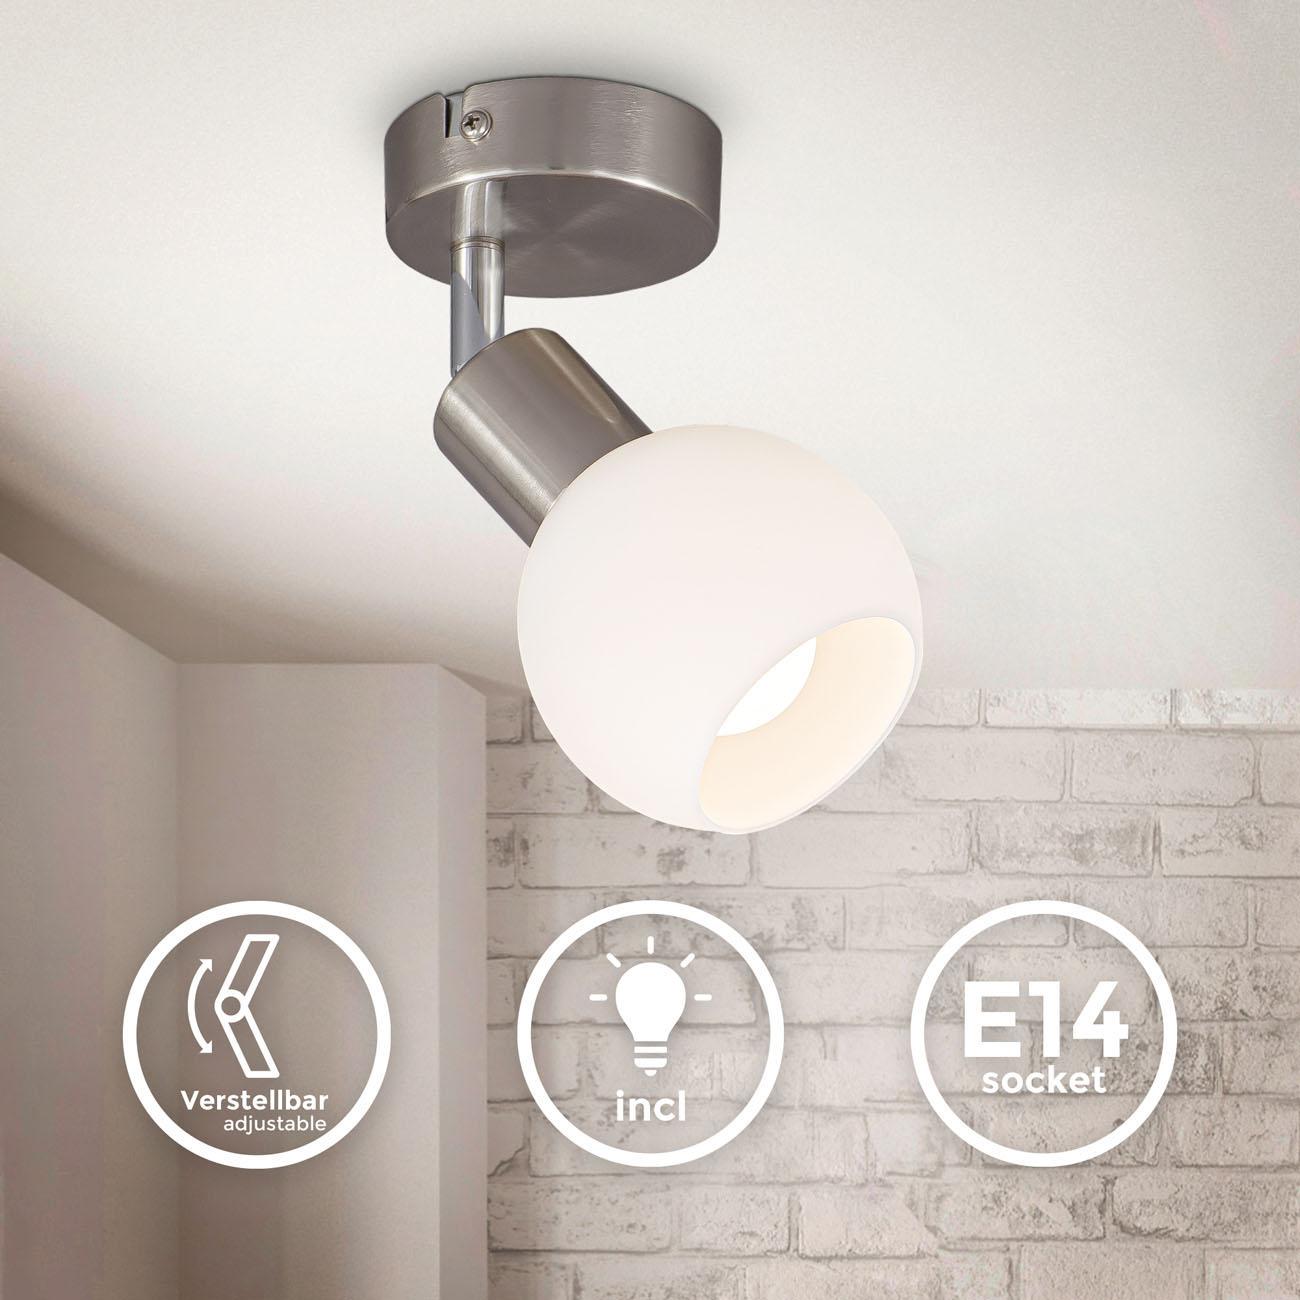 LED Deckenstrahler Deckenspot mit Opalglas - 3